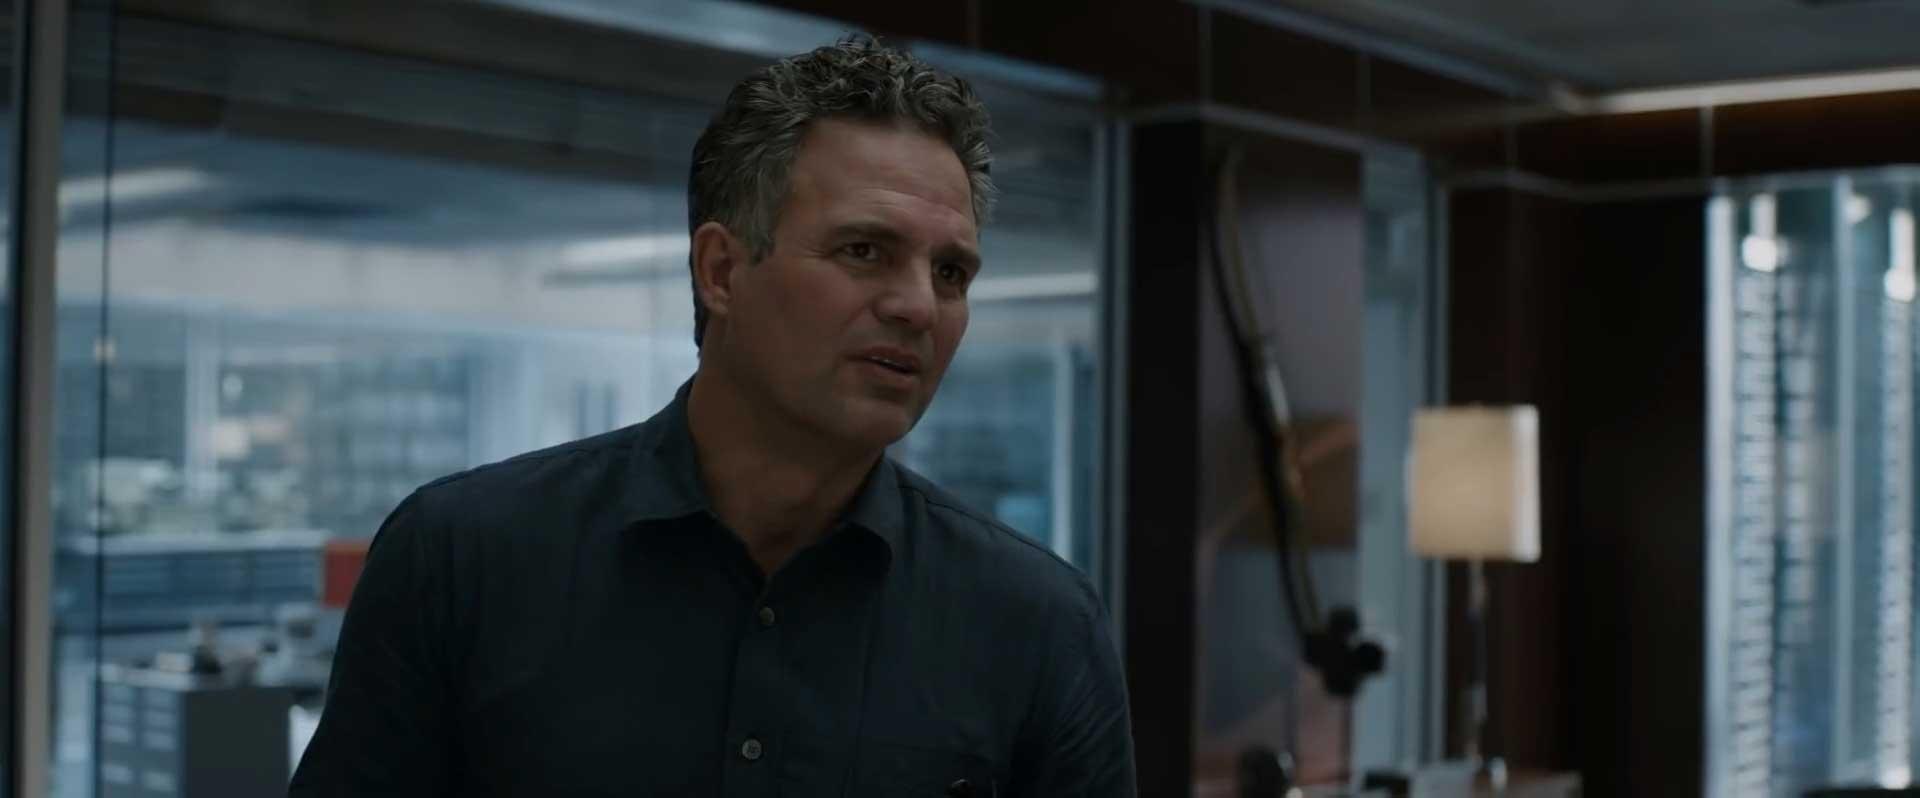 Avengers Endgame Special Look Trailer Breakdown - Bruce Banner